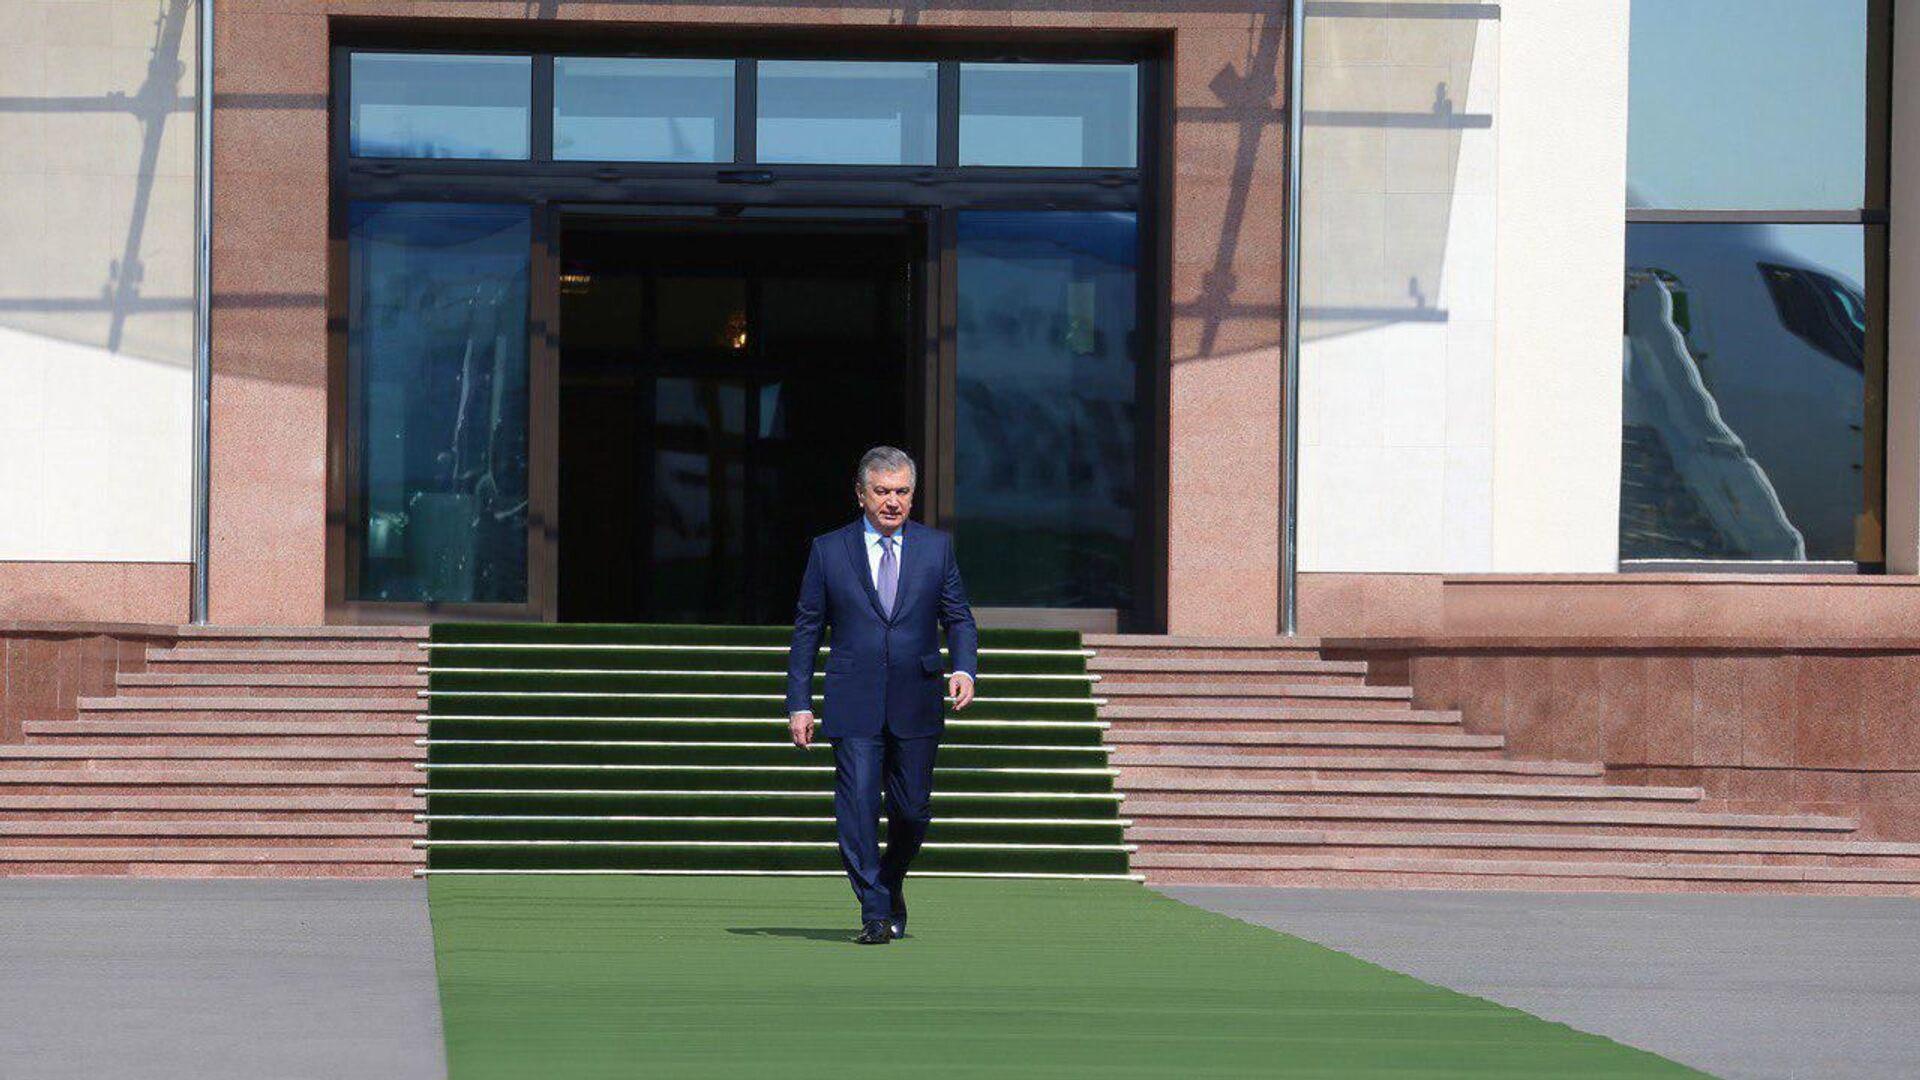 Шавкат Мирзиёев отправился в Андижанскую область - Sputnik Узбекистан, 1920, 02.08.2021